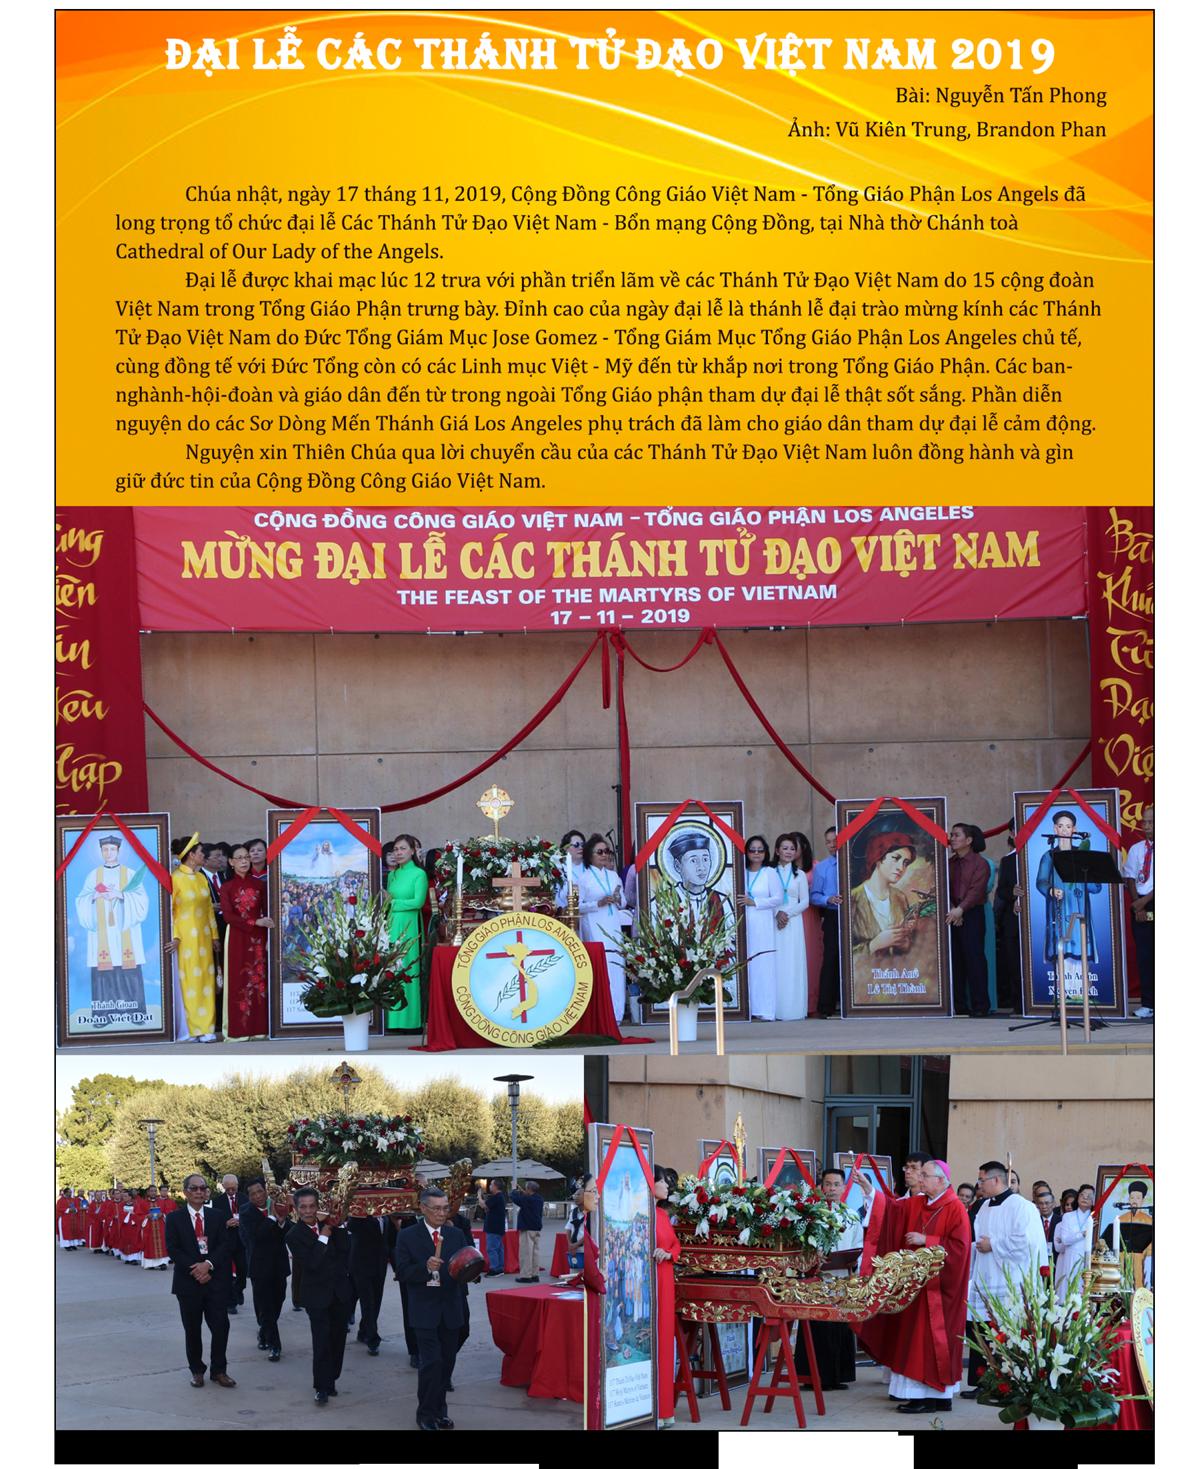 Đại Lễ Các Thánh Tử Đạo Việt Nam 2019